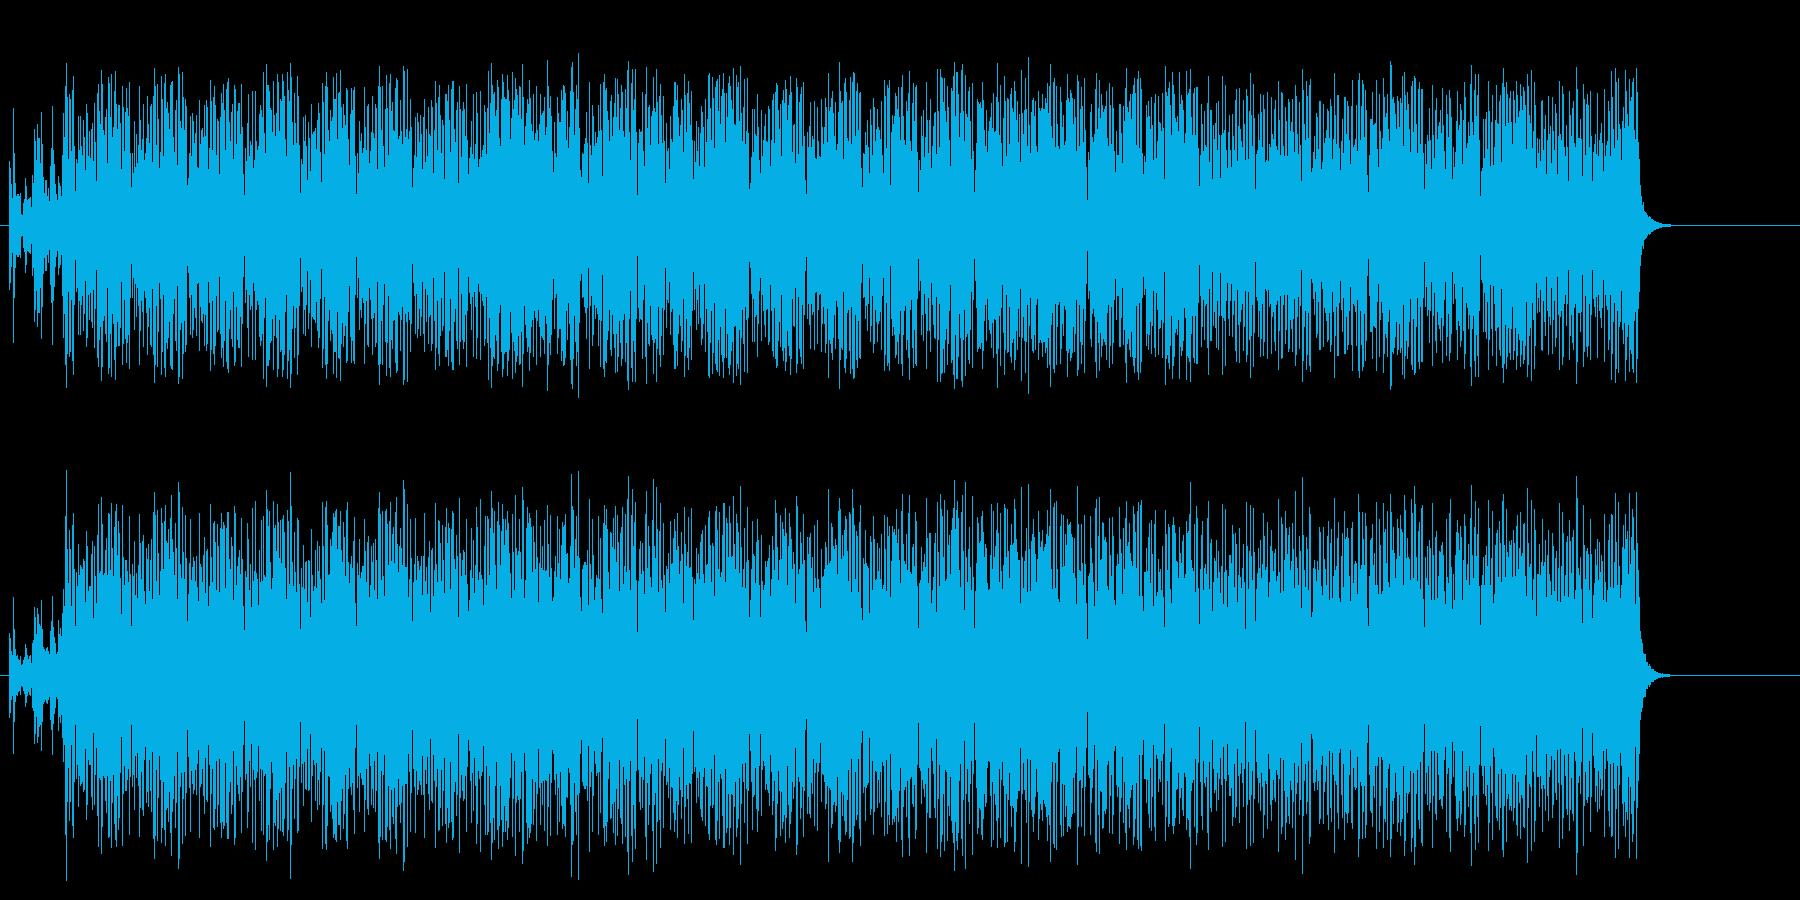 散歩を待ちきれない子犬をイメージさせる曲の再生済みの波形